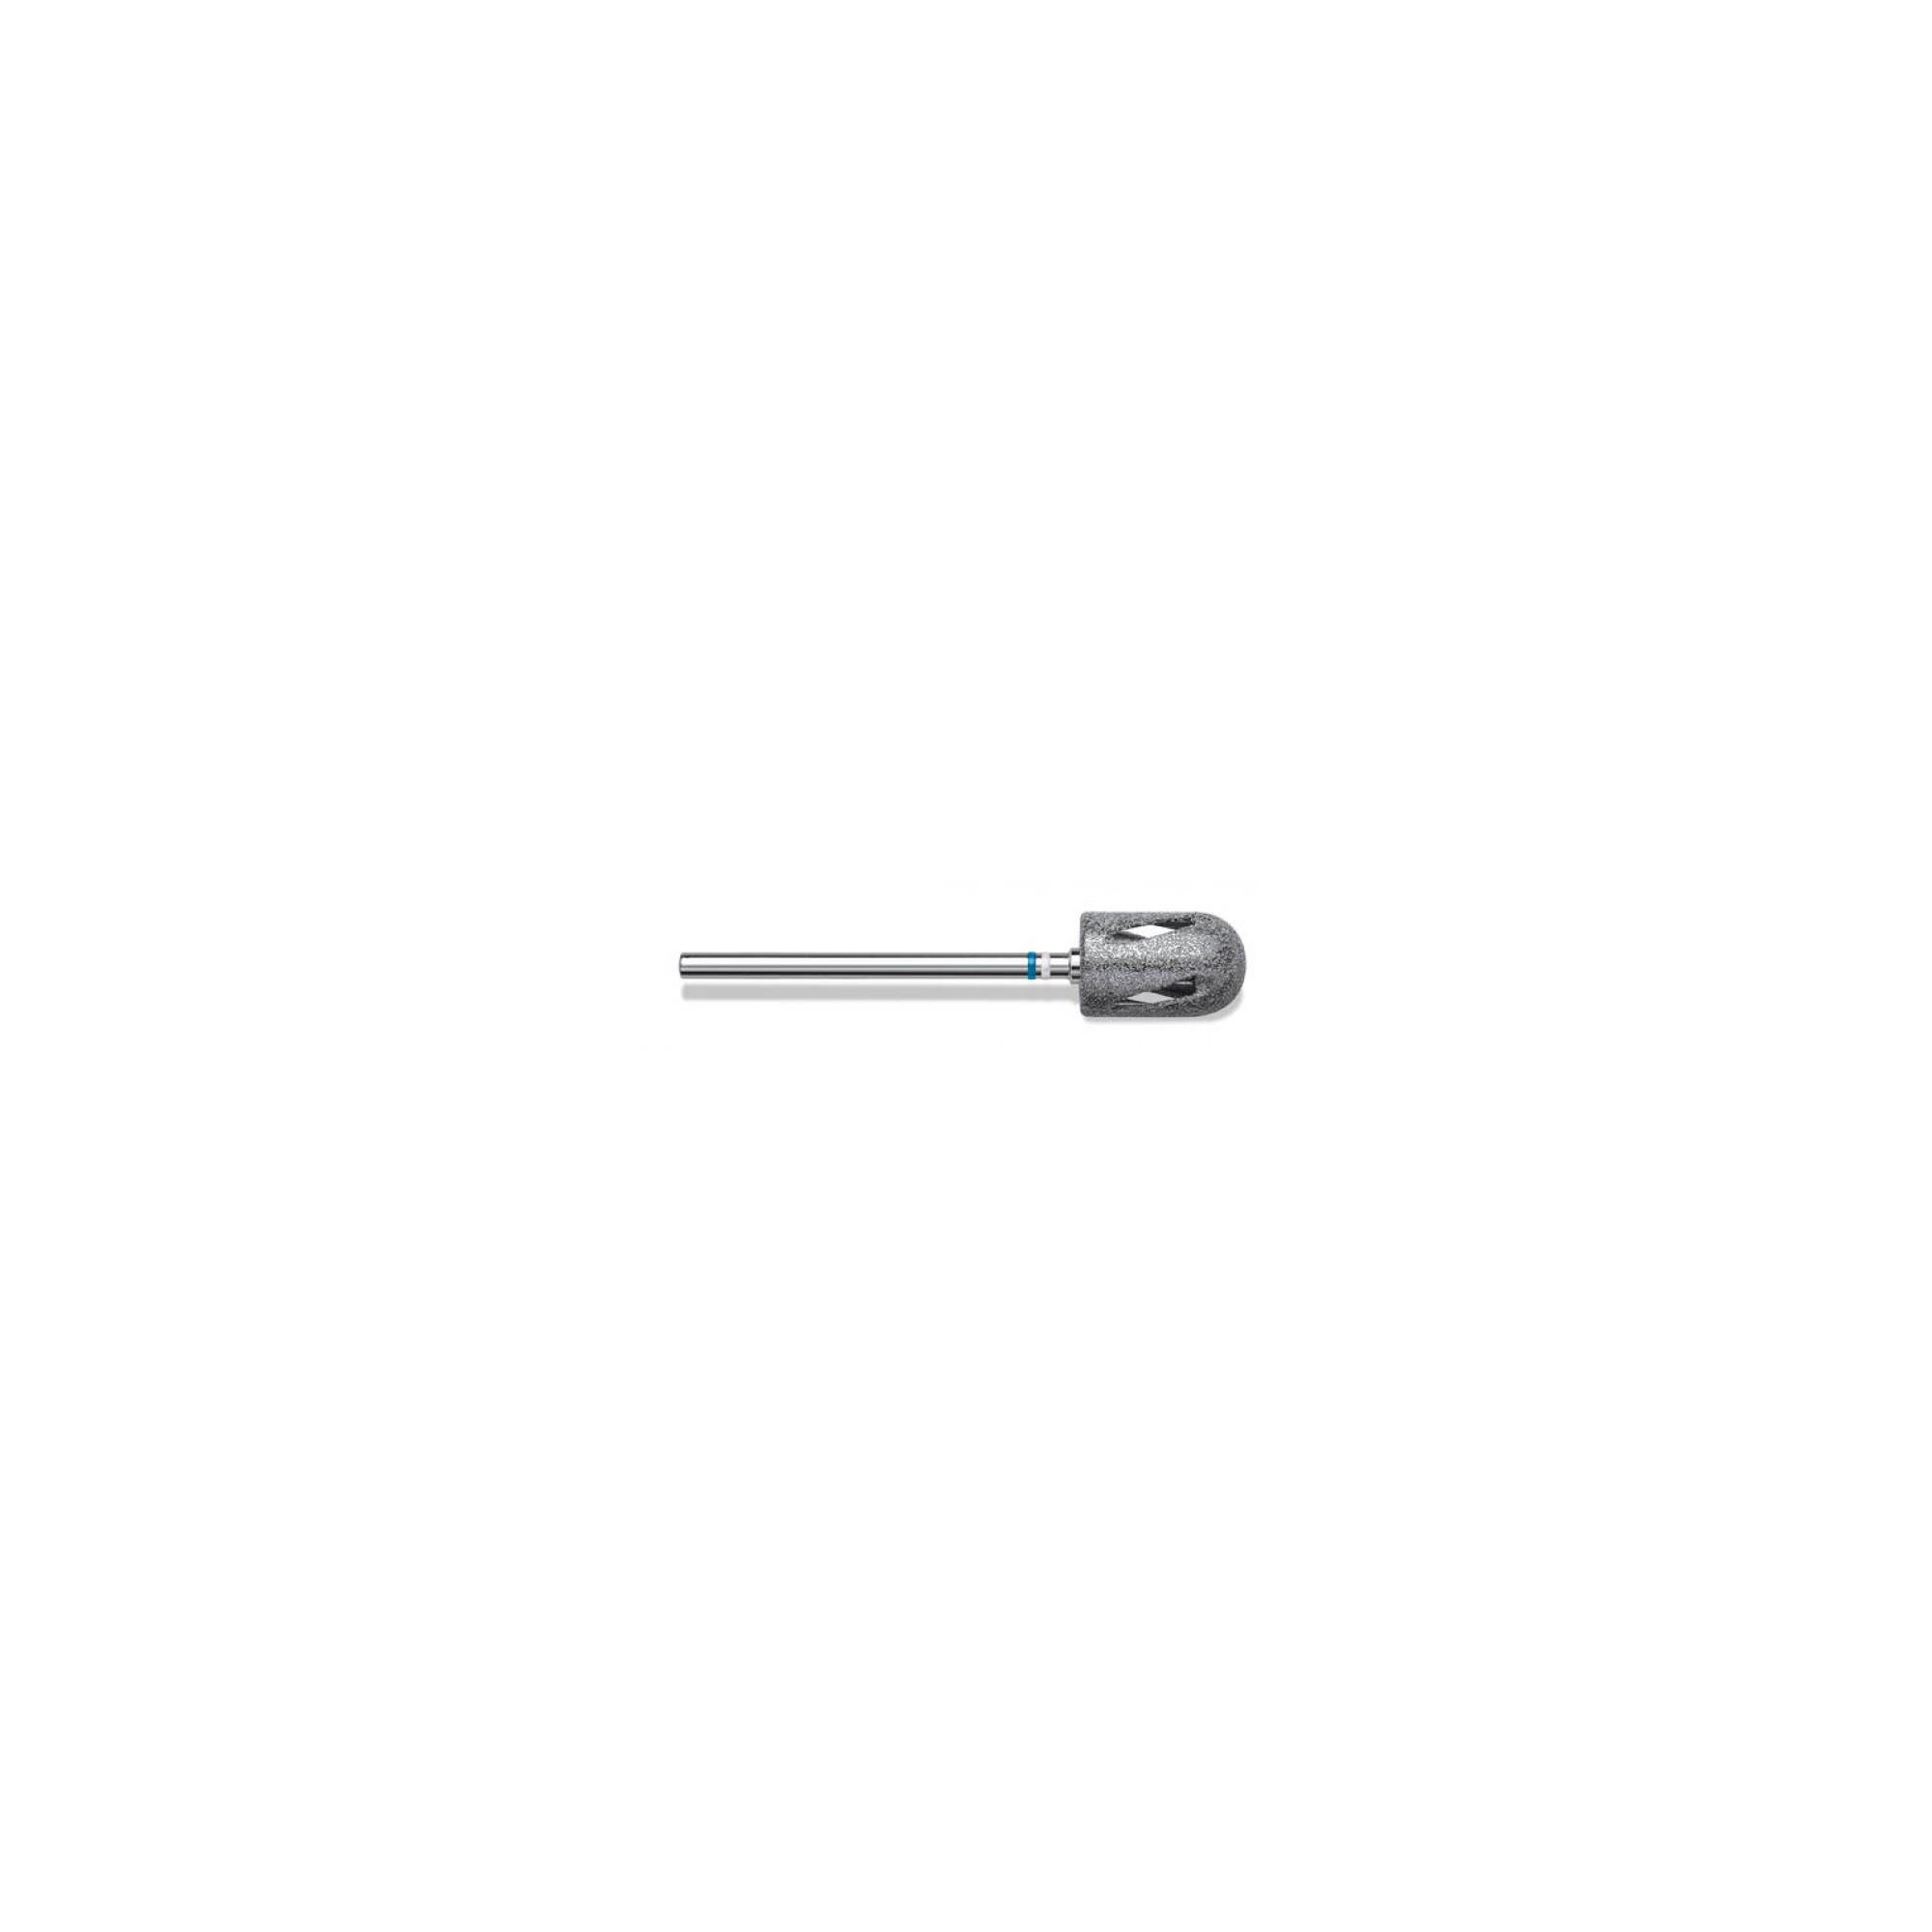 Fraise HYBRID Twister en diamant et céramique - Enlèvement des callosités - Grain moyen - ø9,5mm